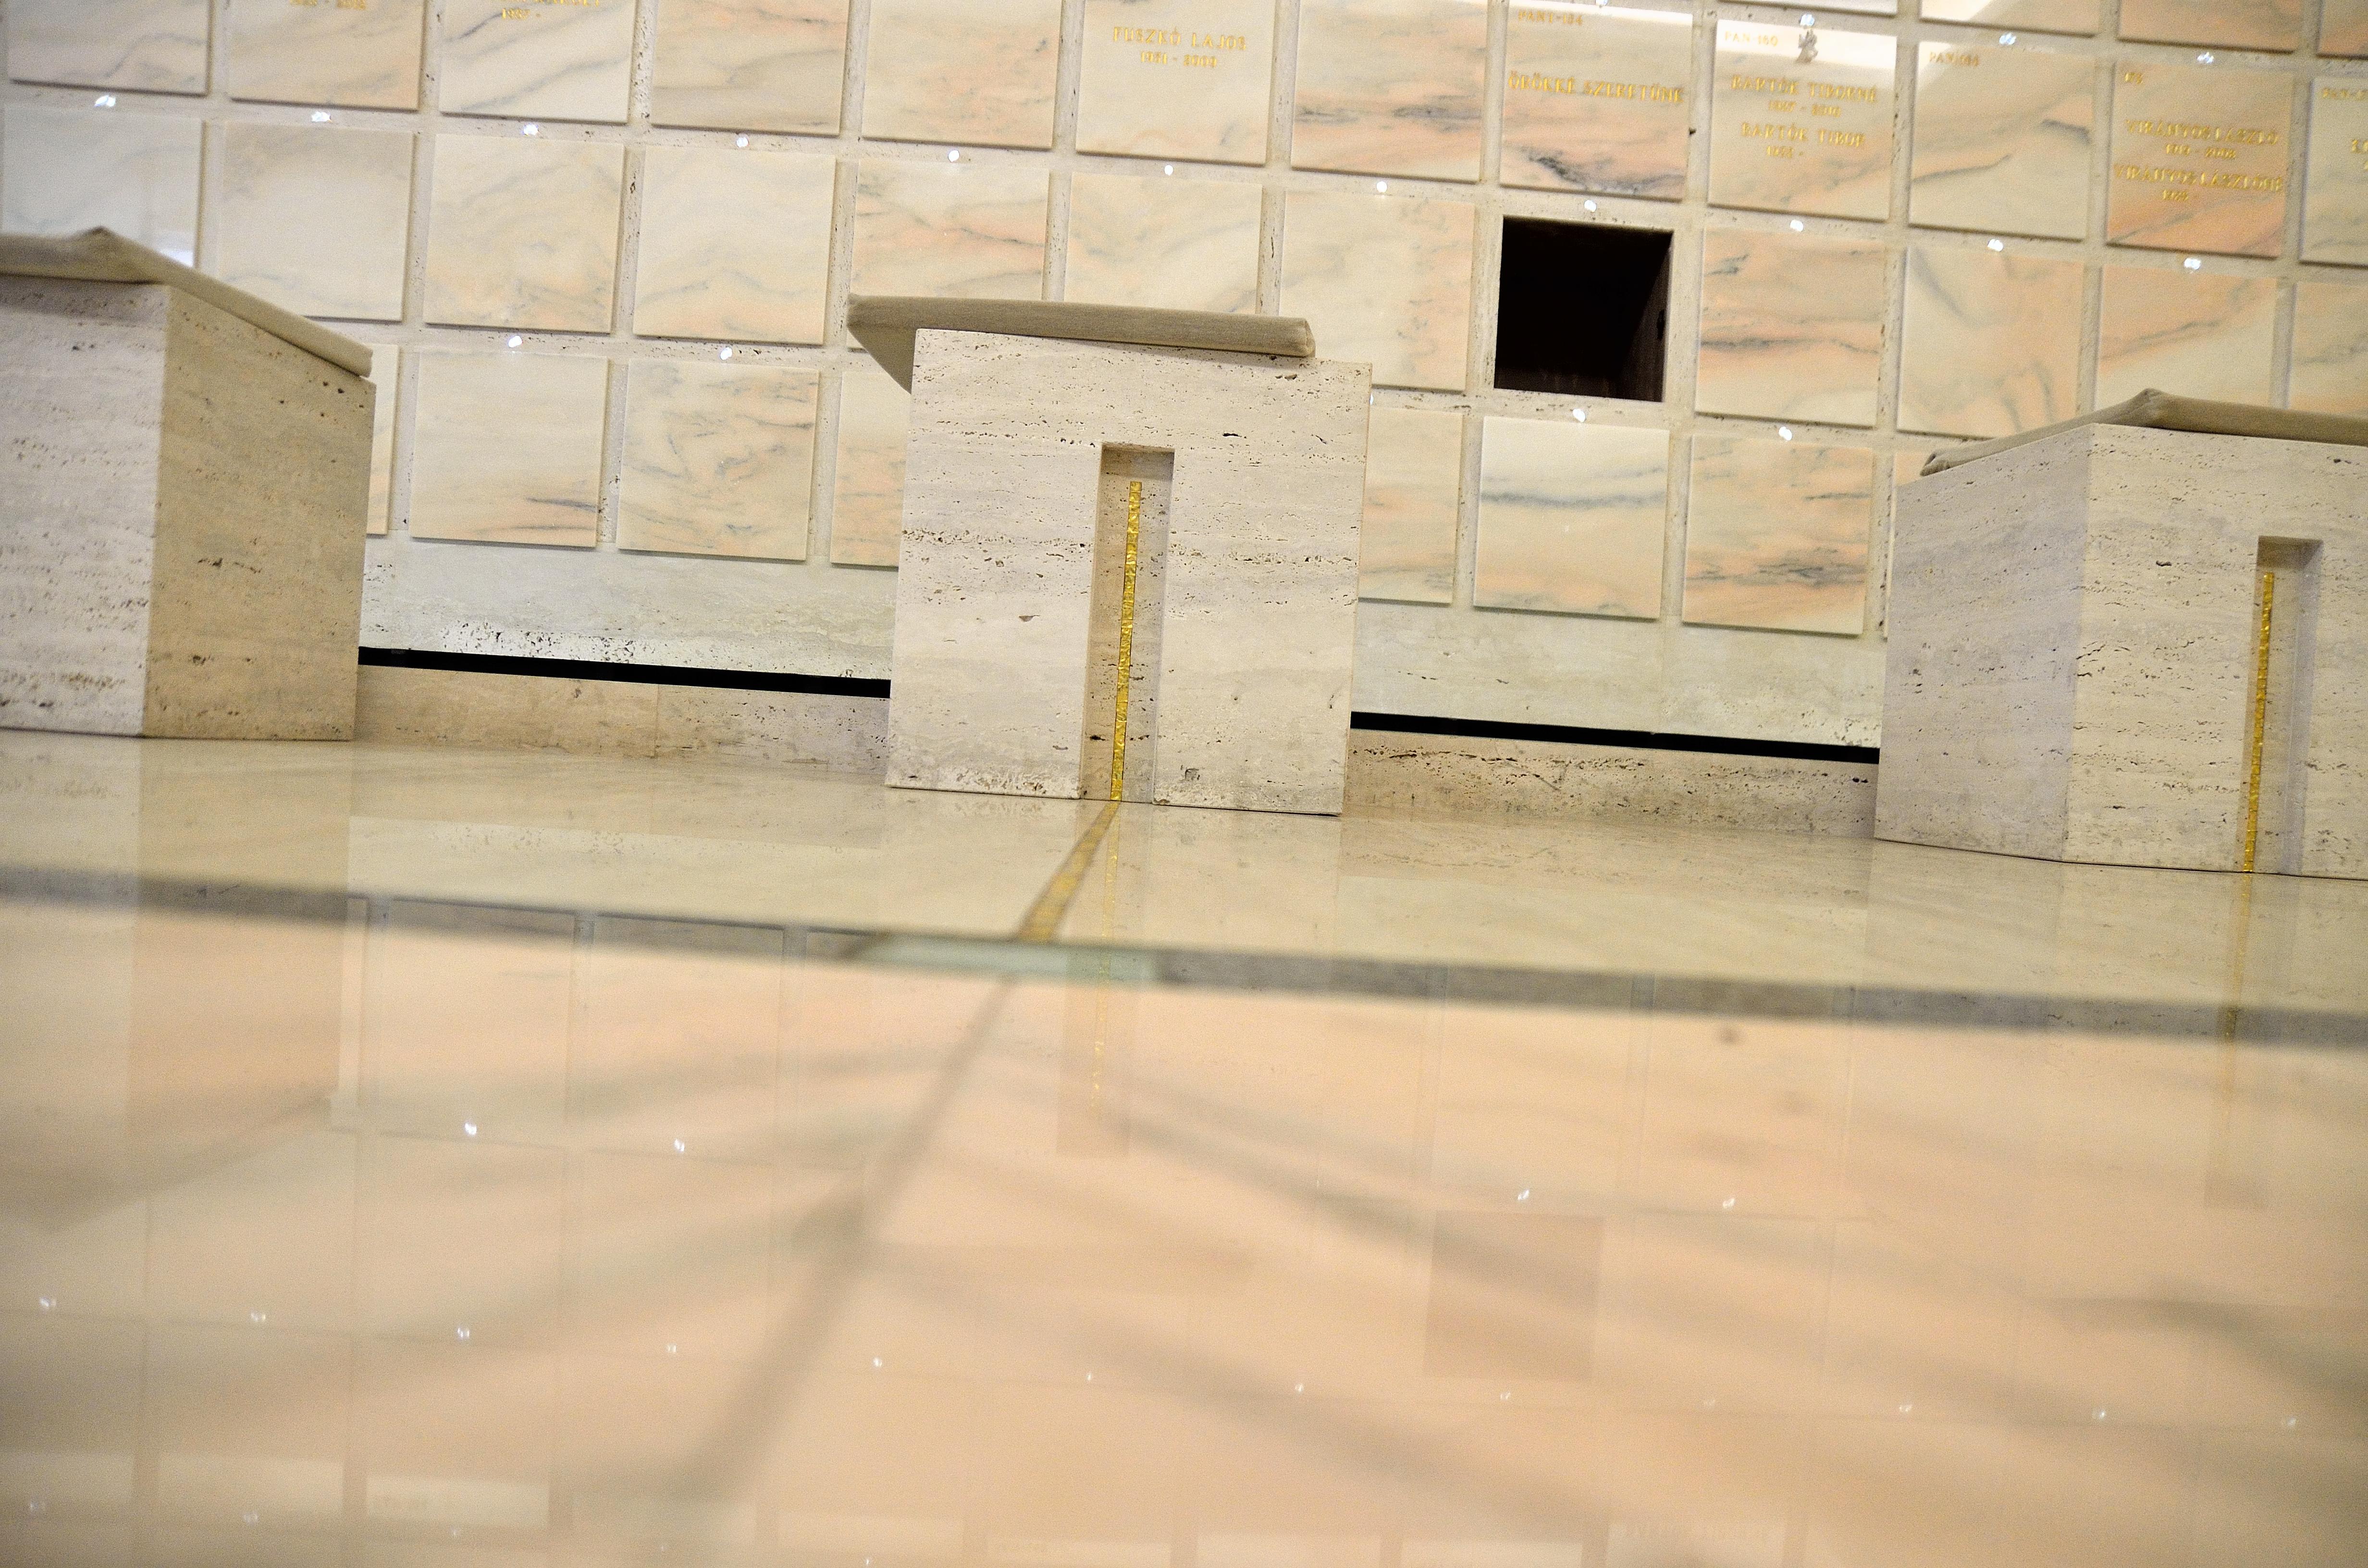 Gyászolói férőhelyek száma: 69 | Ülőhelyek száma: 19